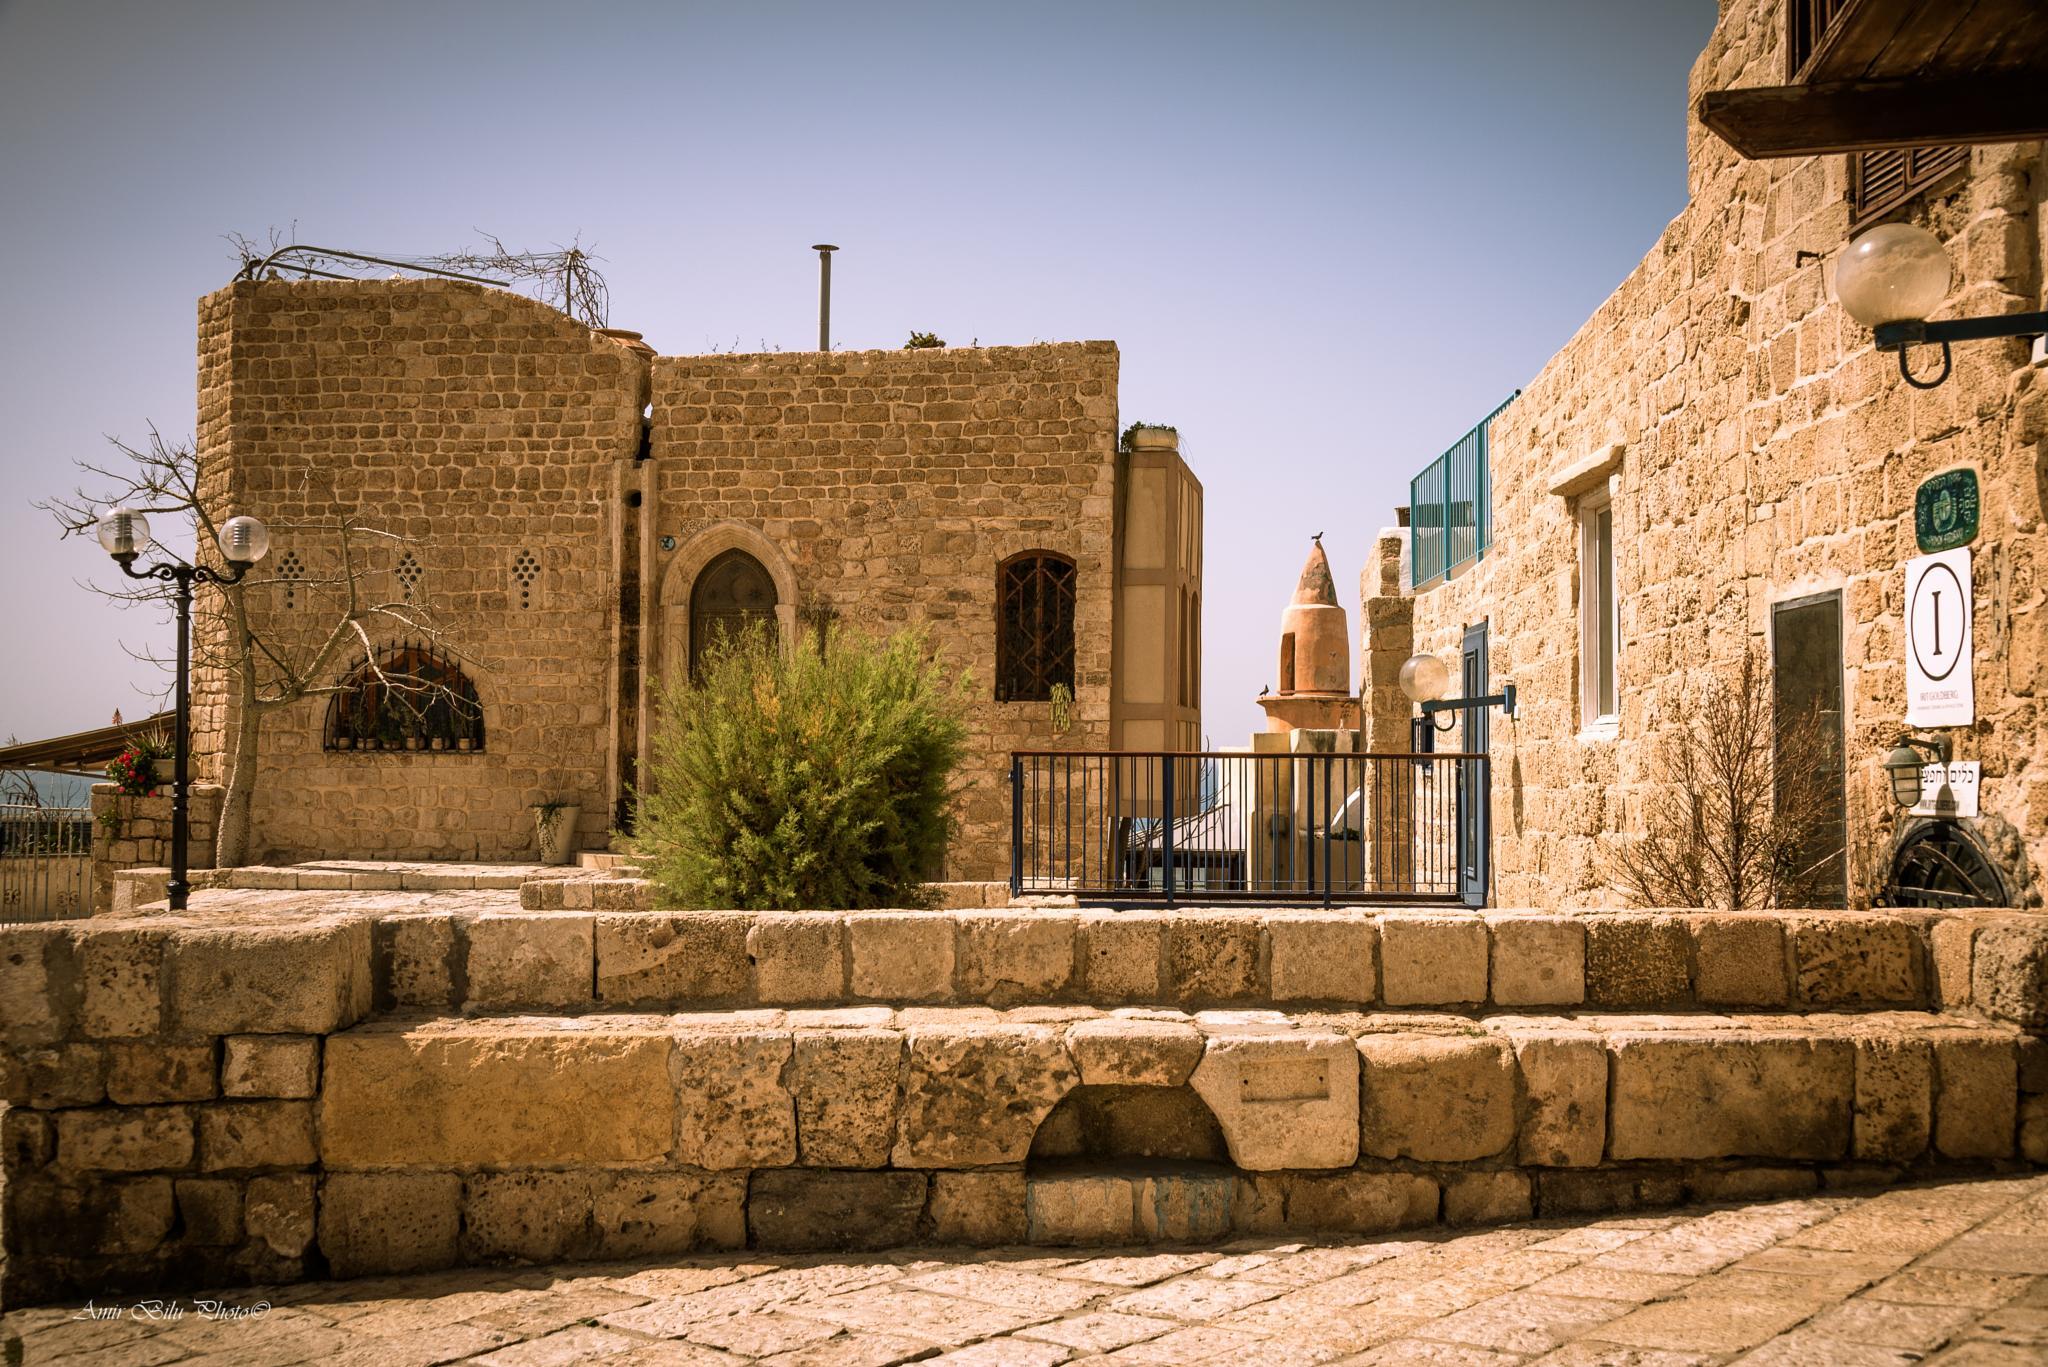 Old Jaffa by Amir Bilu